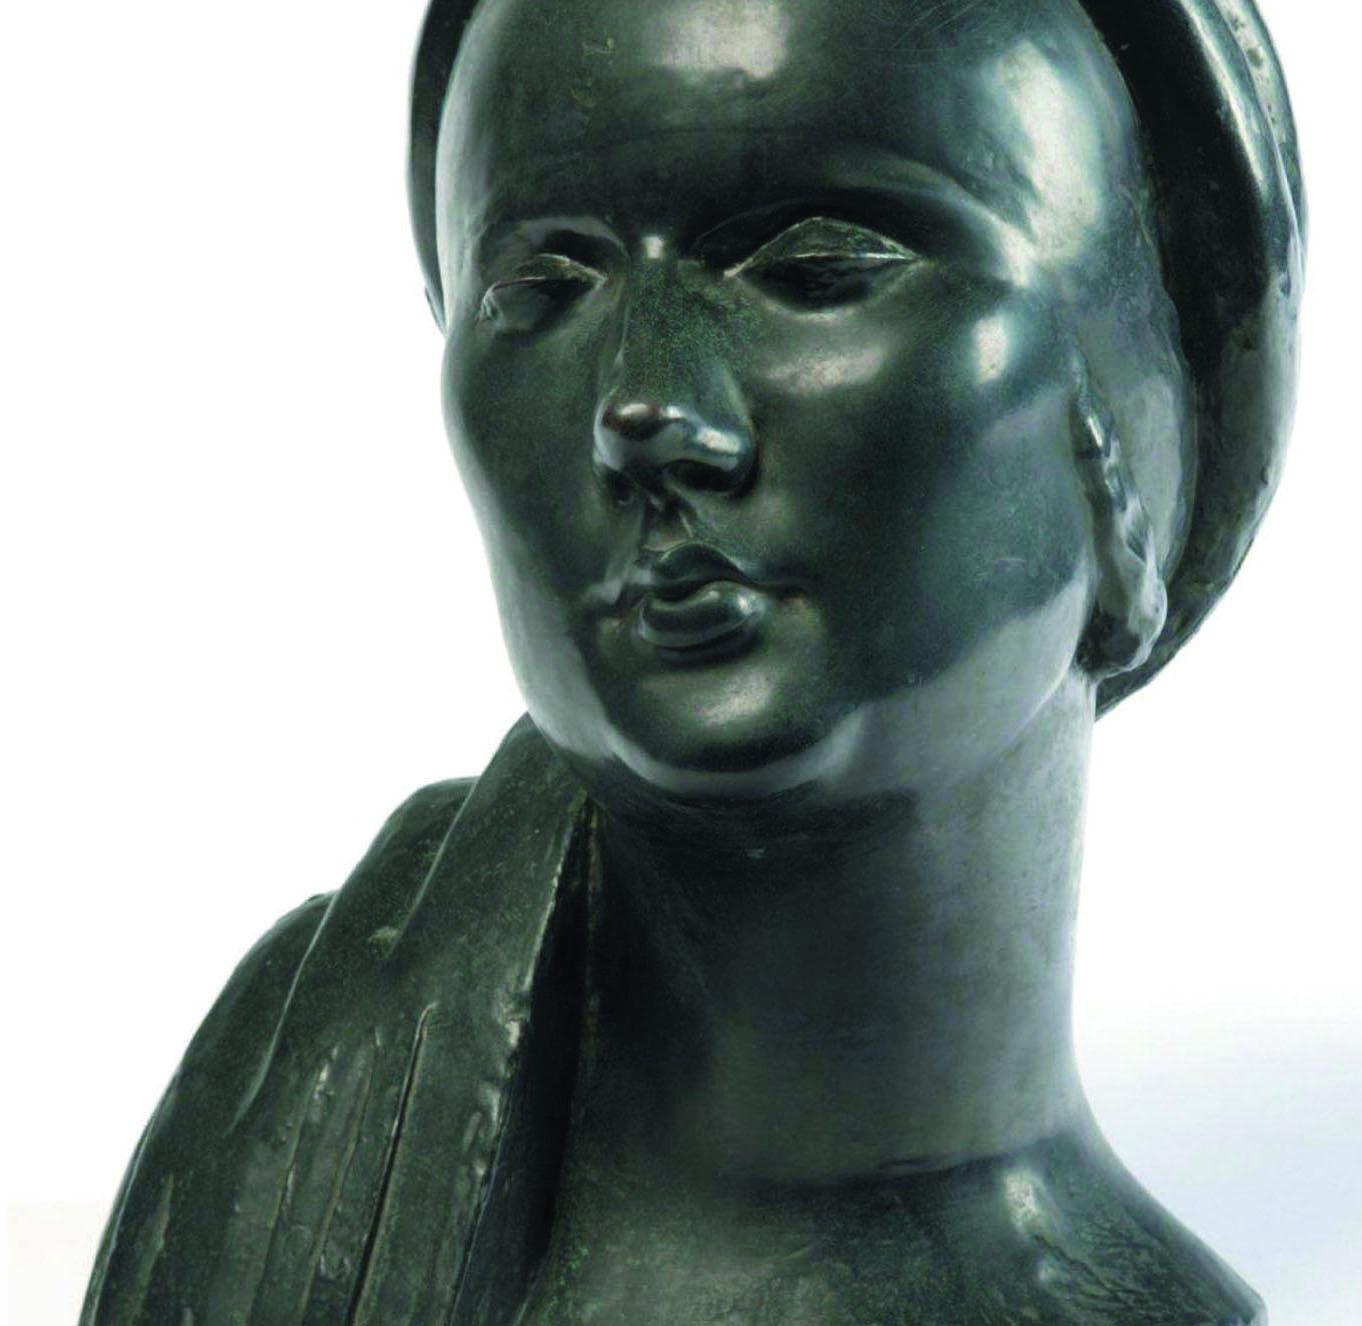 Madame X – Femme au turban 1925 Épreuve en bronze, 31x21x14cm (détail) Coll. Musée d'Israël, Jérusalem